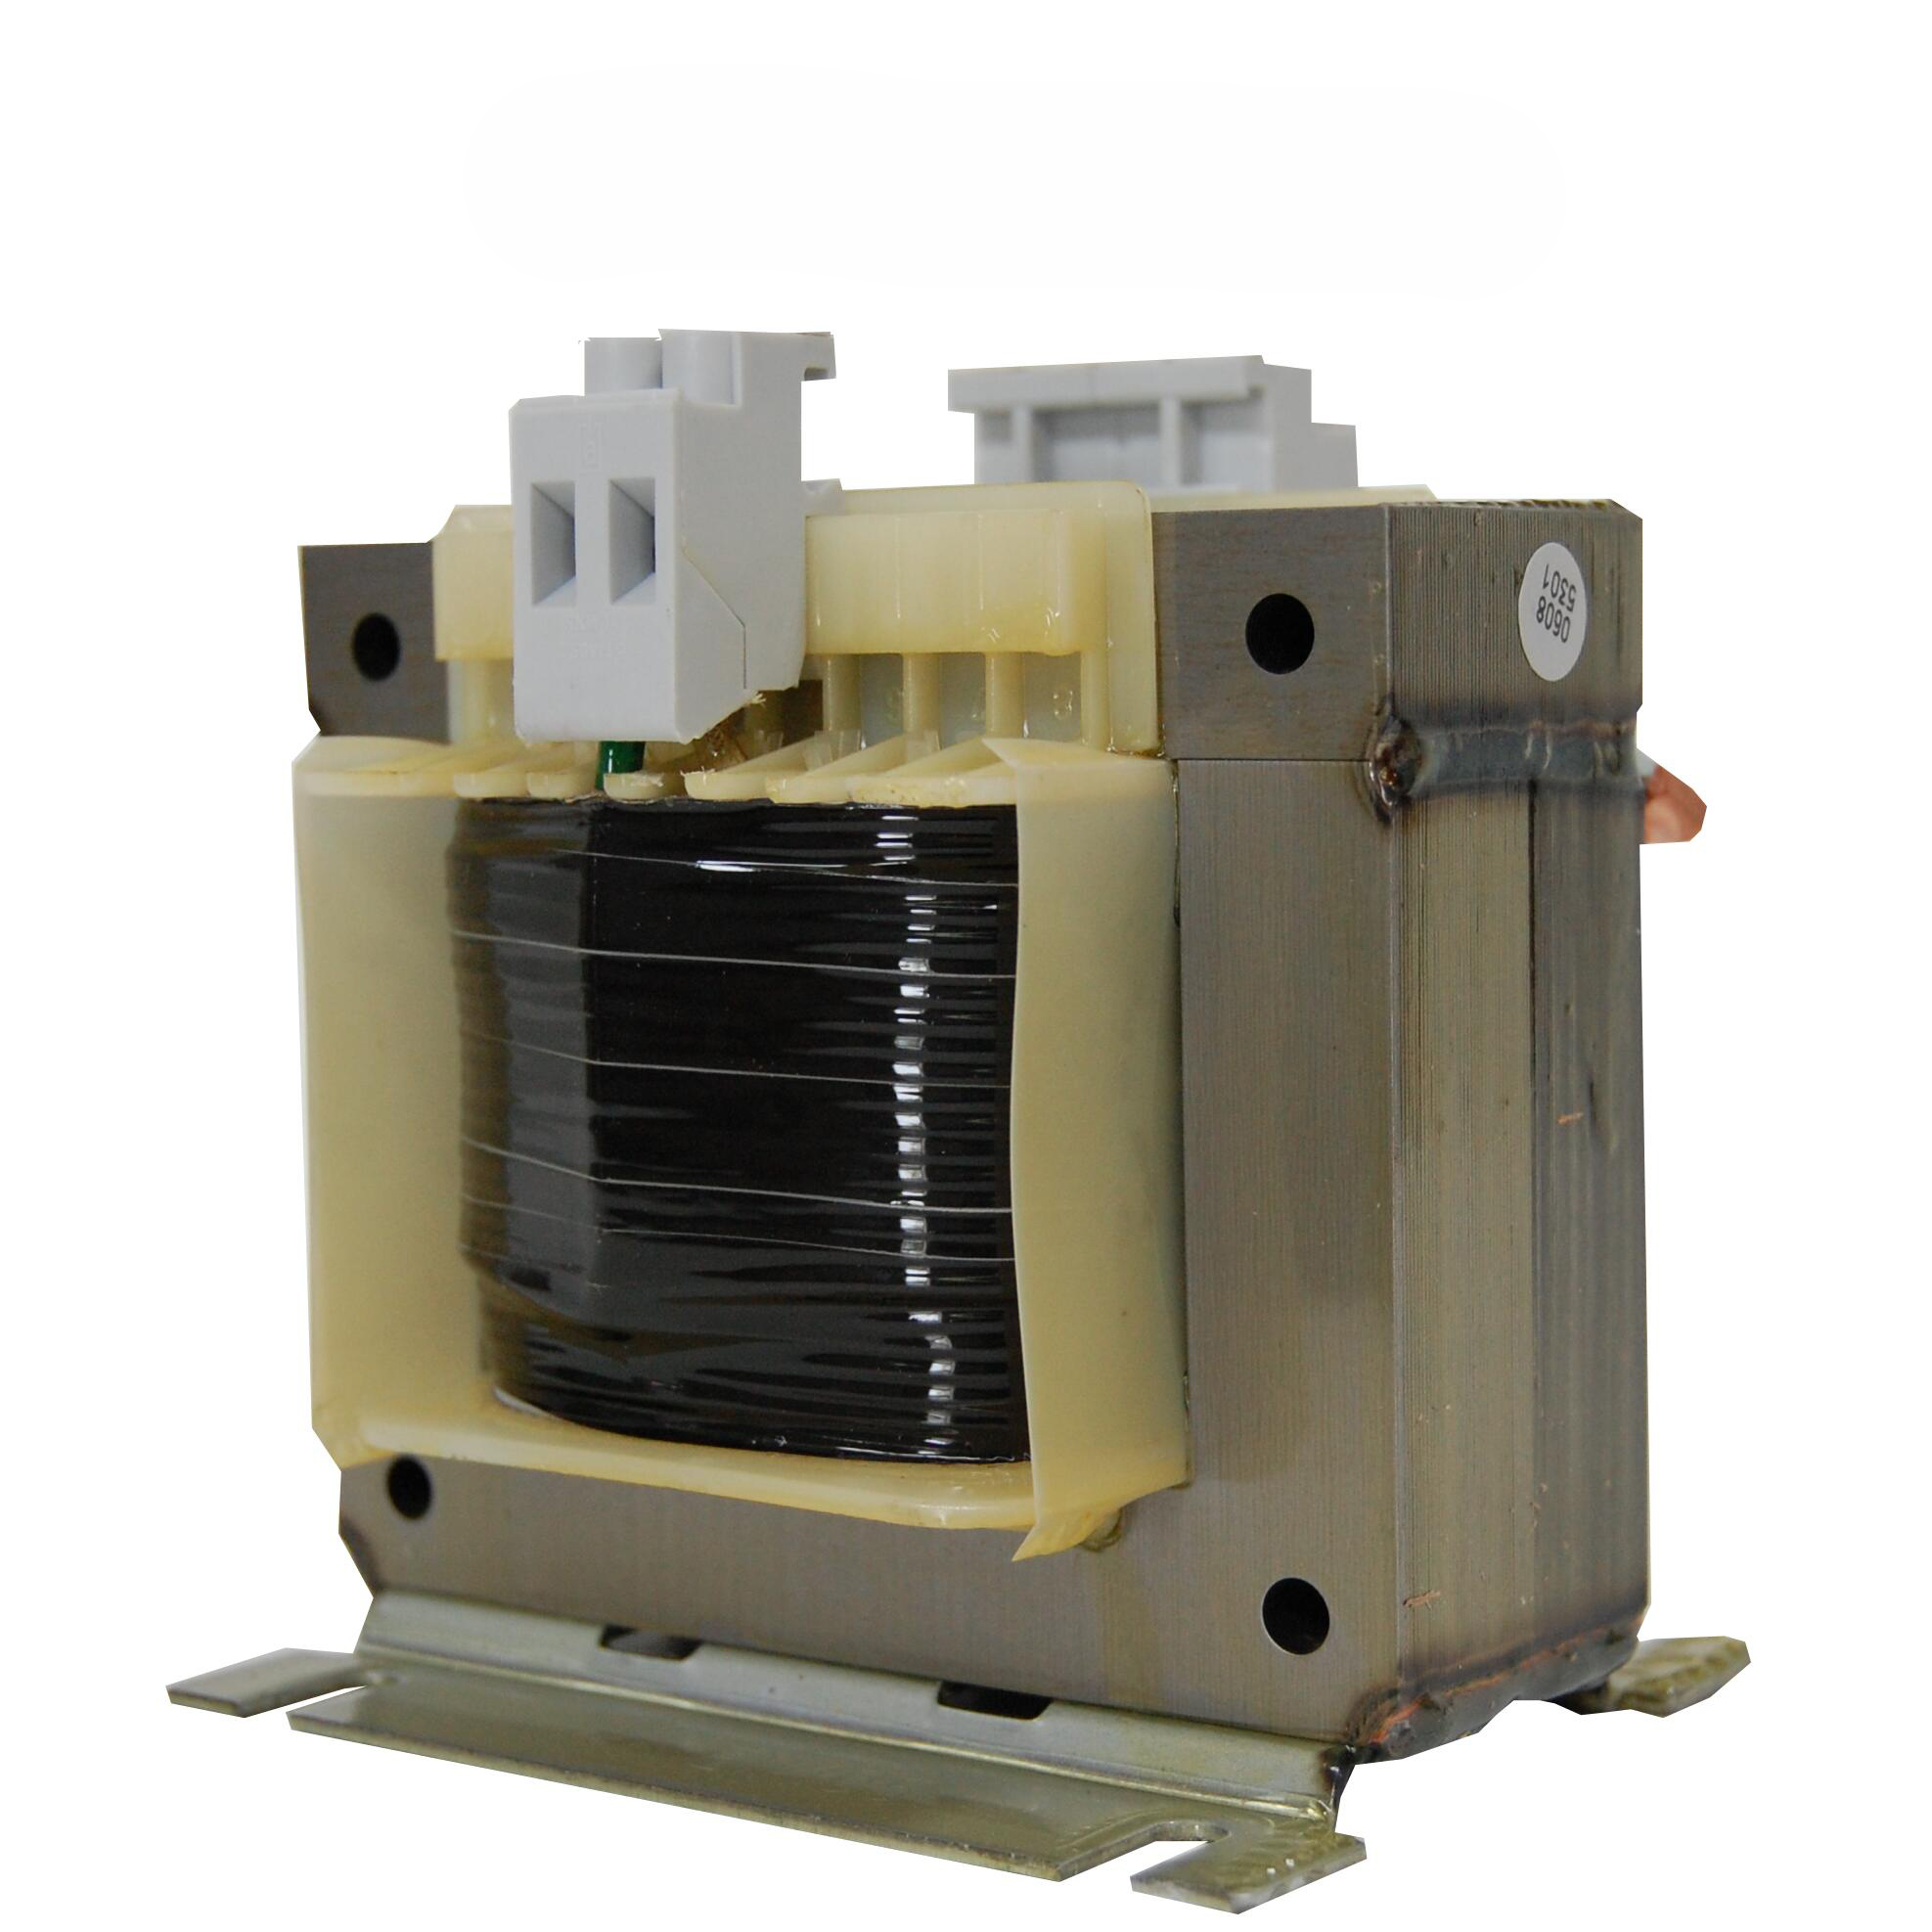 1 Stk Einphasen Steuertransformator 230/230V, 500VA, IP00 LP605050T-